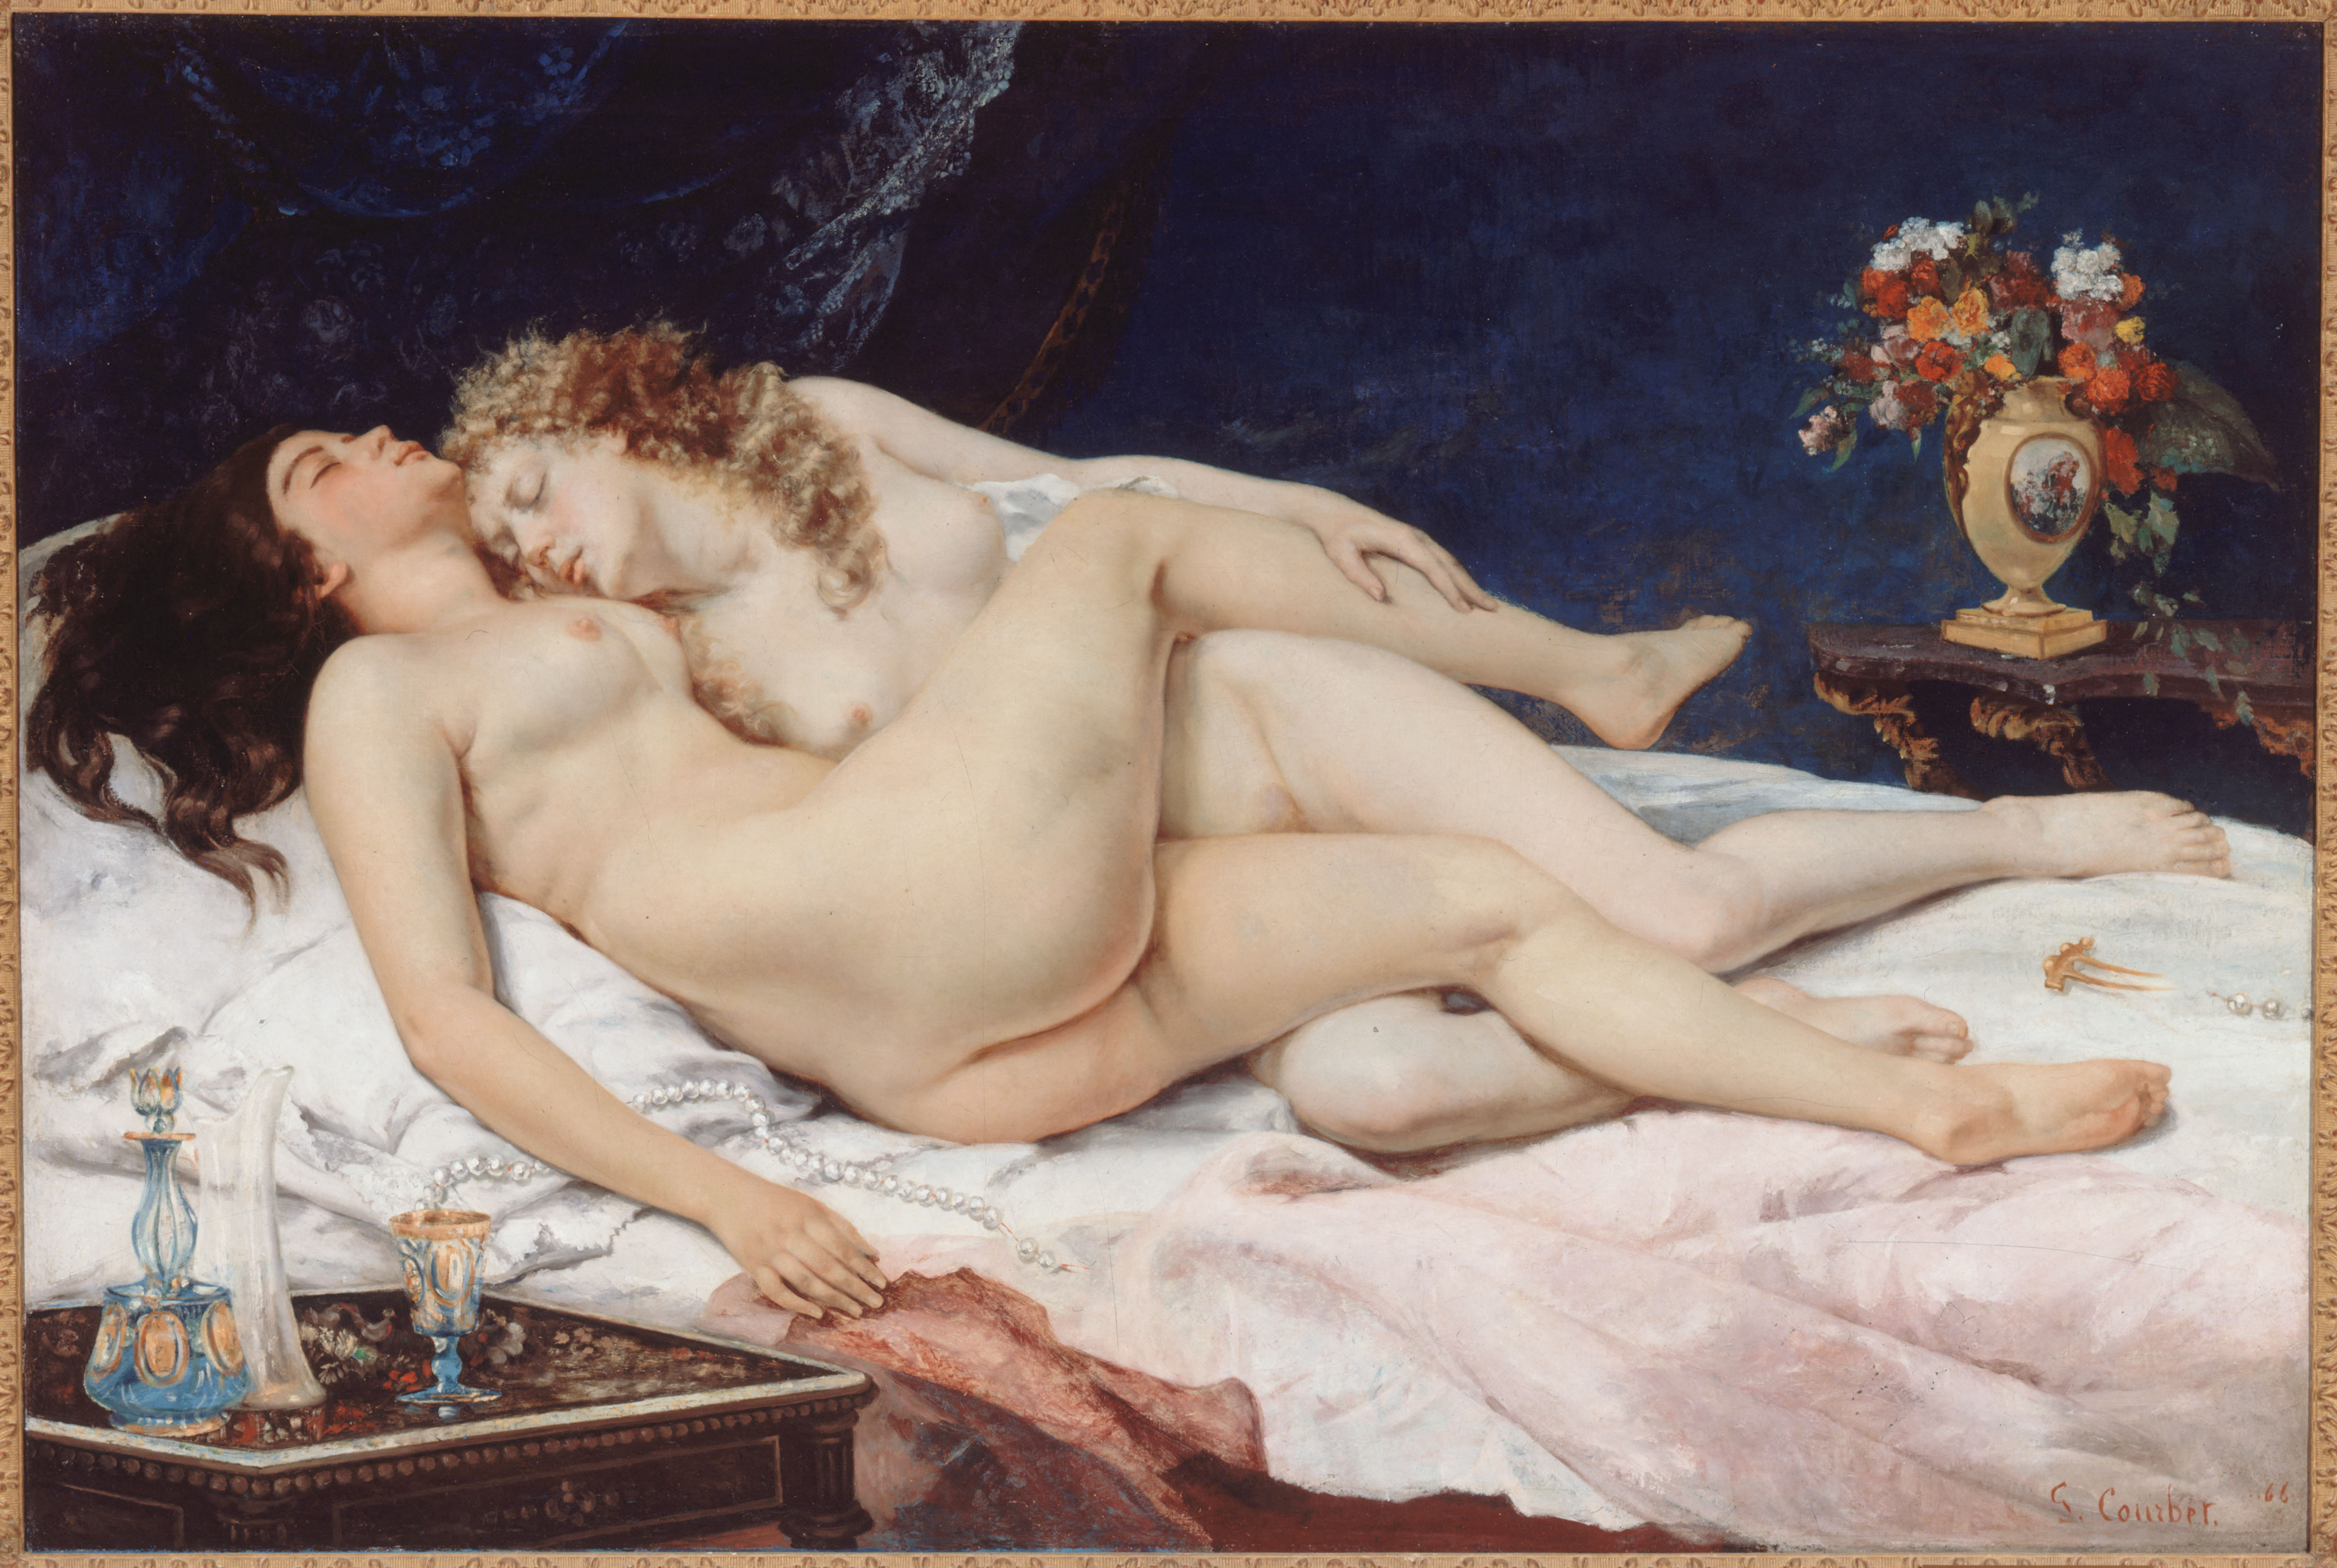 Gustave_Courbet_-_Le_Sommeil_%281866%29%2C_Paris%2C_Petit_Palais.jpg